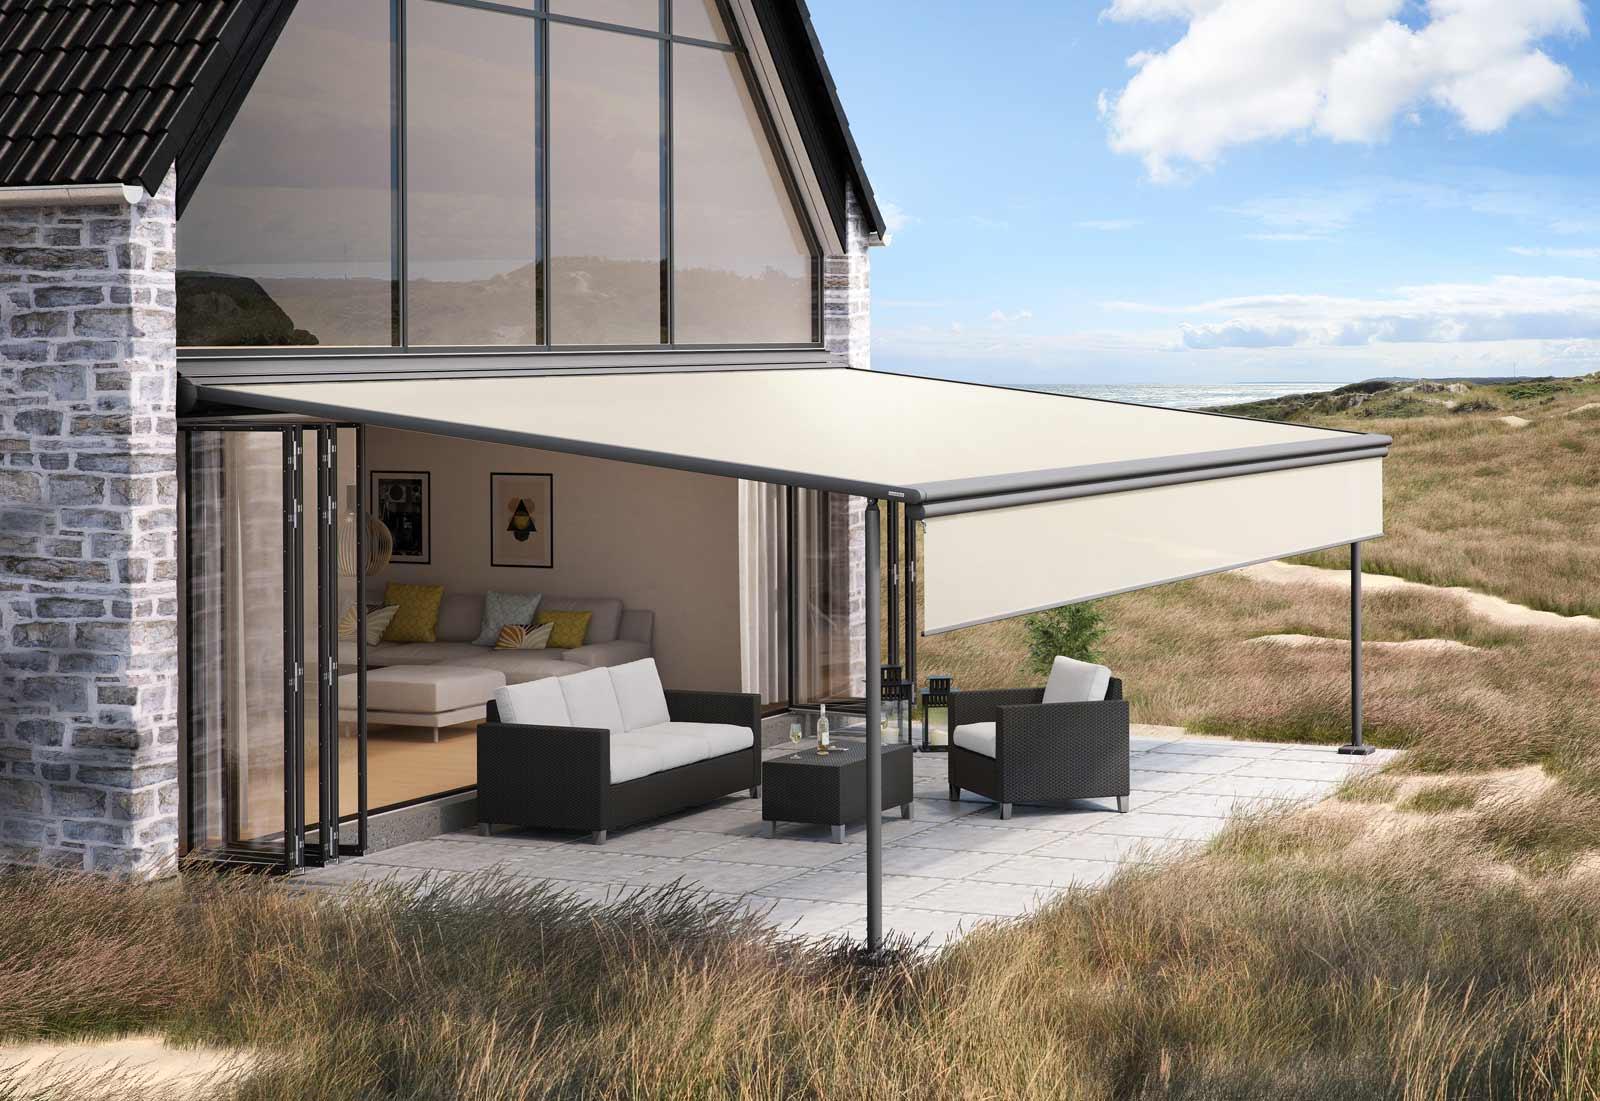 markilux pergola markise b schking raumkonzept. Black Bedroom Furniture Sets. Home Design Ideas